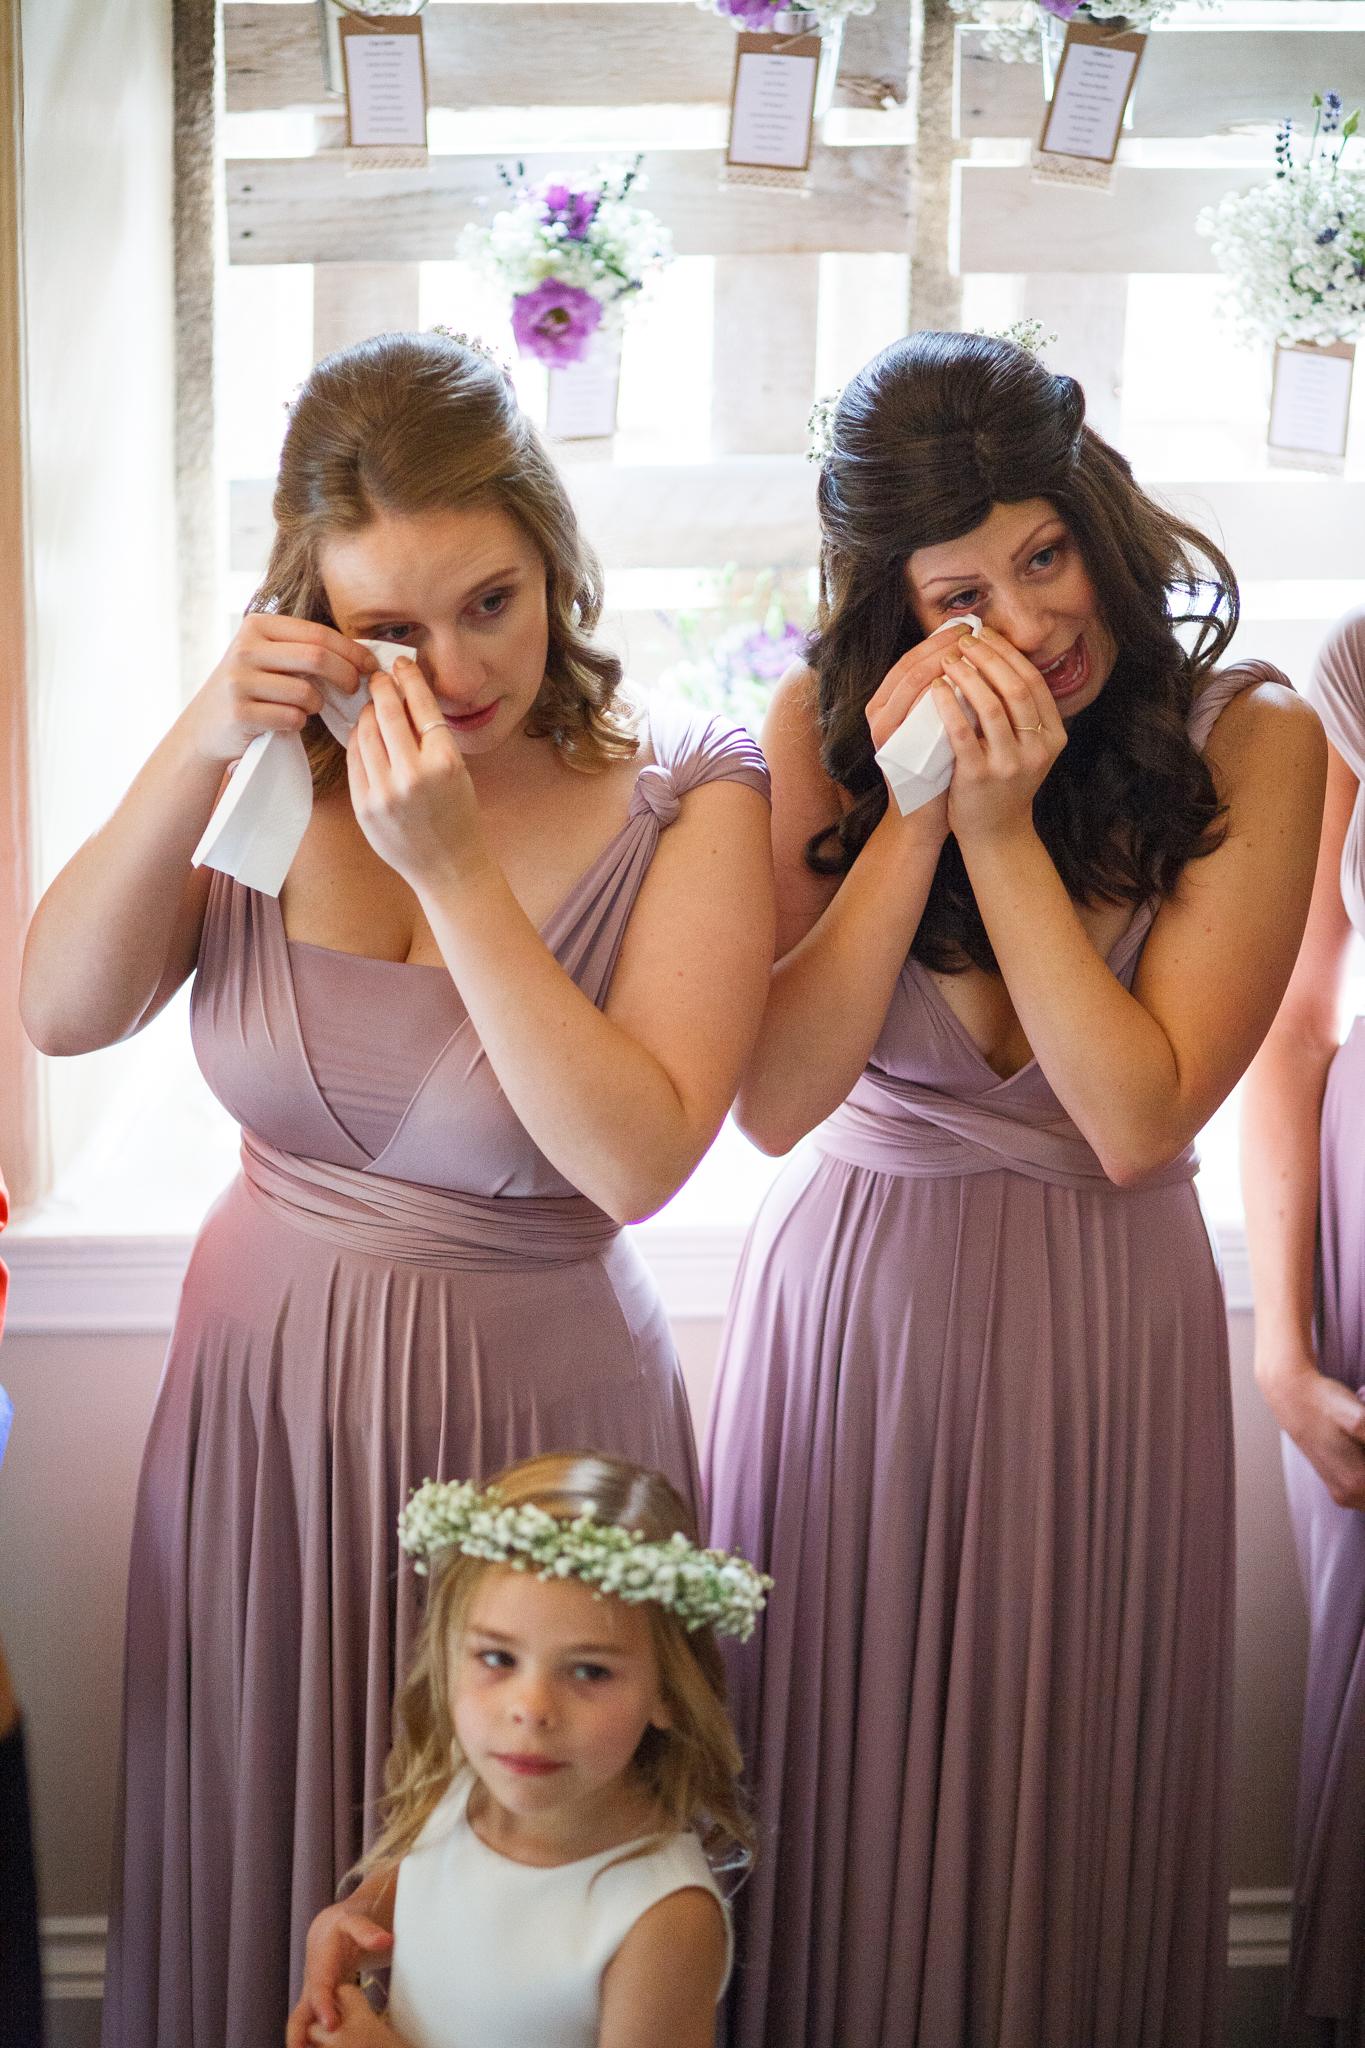 Simon_Rawling_Wedding_Photography-181.jpg